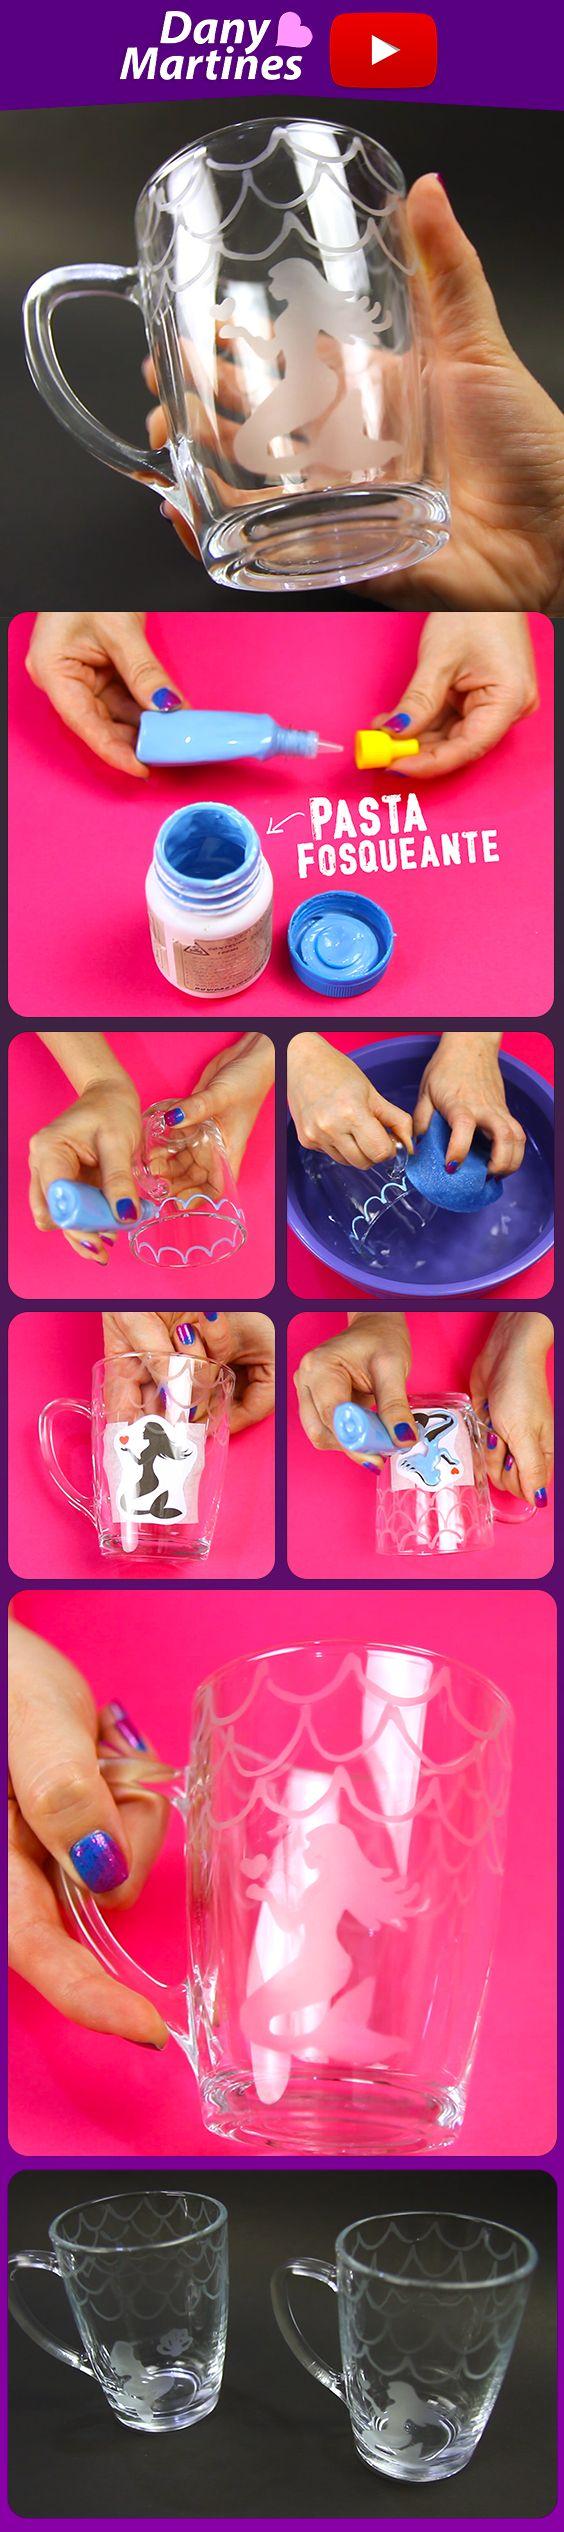 Faça você mesmo um lindo copo de sereia com pasta fosqueante, copo decorado, diy, do it yourself, mermaid